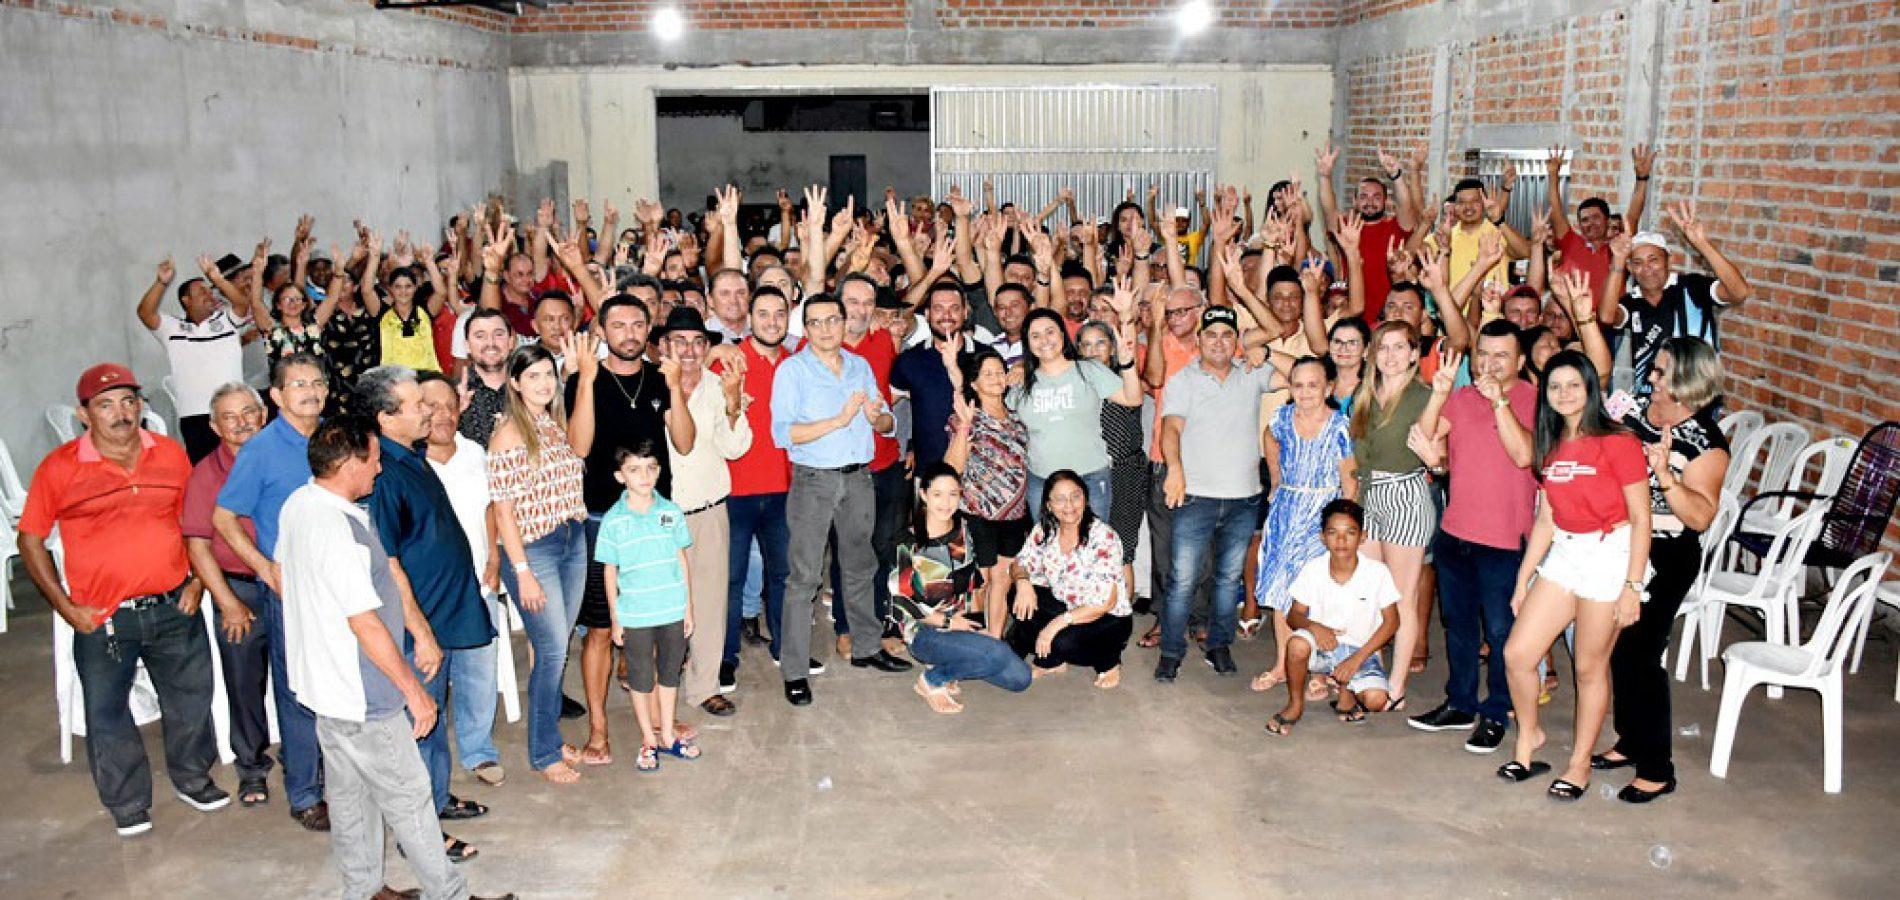 Em Alagoinha, grupo do prefeito Jorismar Rocha se reúne, recebe novas adesões e discute eleições 2020. Veja!